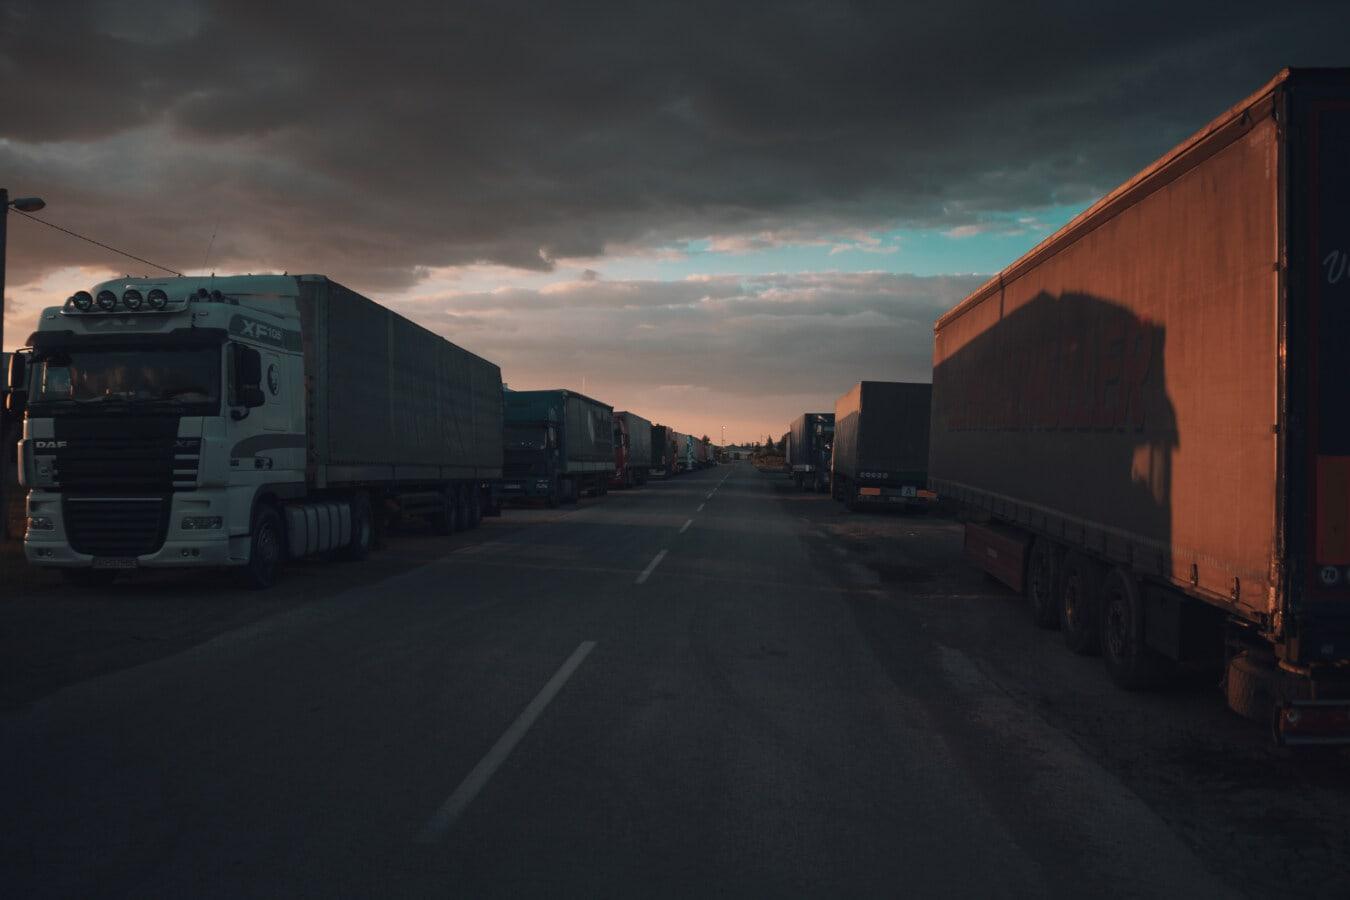 грузовик, груз, дорога, охраняемая автостоянка, Отгрузка, контейнерные перевозки, Логистика, Трейлер, улица, транспортное средство